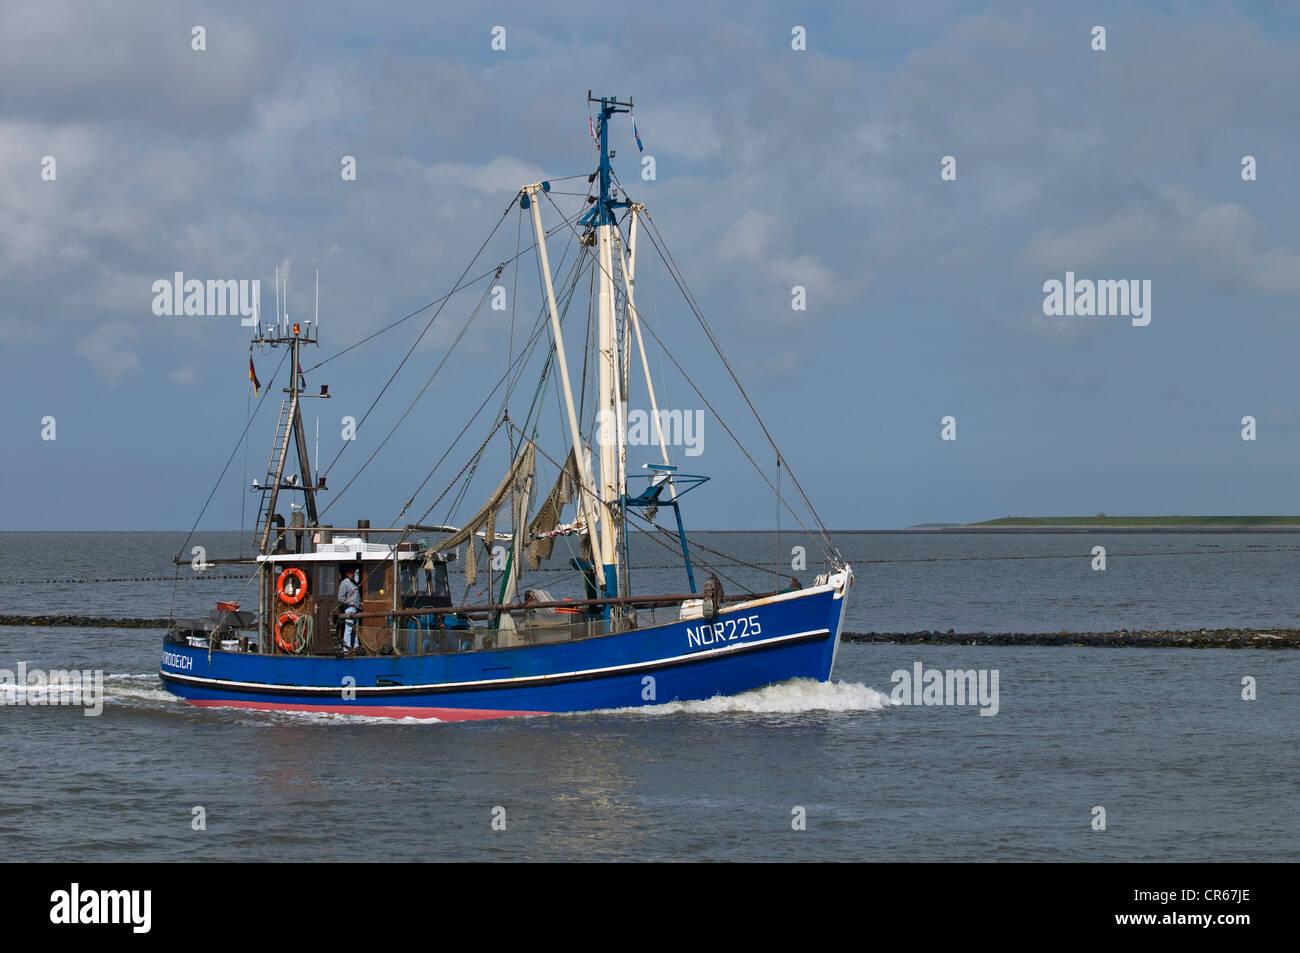 Bateau de pêche du crabe bleu, ni 225, retour au port de Norddeich après la pêche, la mer des Wadden Photo Stock